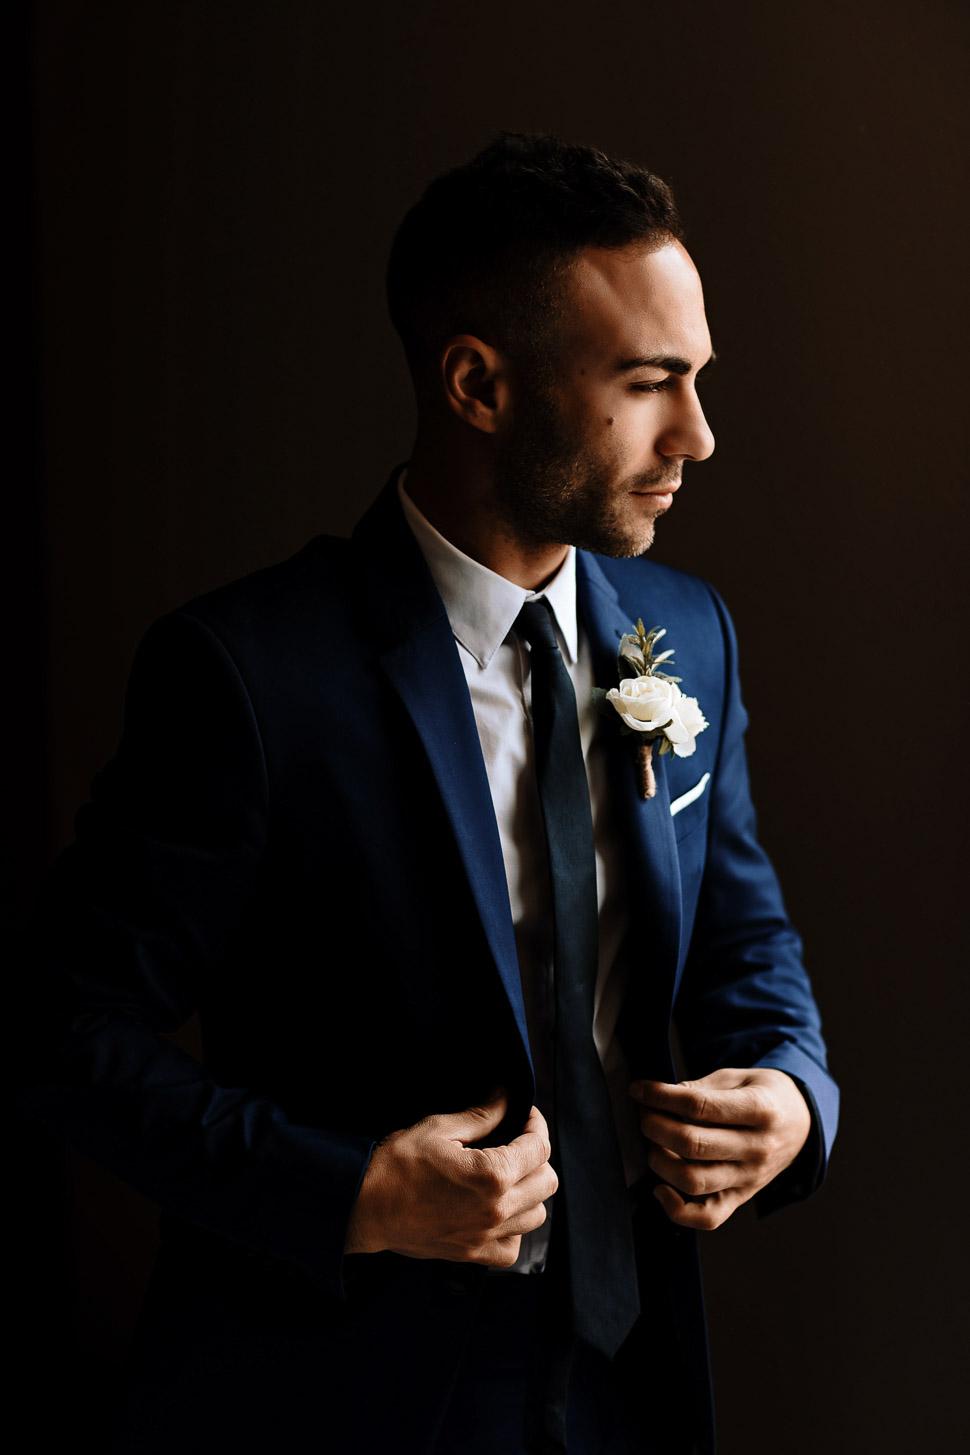 vestuviu-fotografas-plepys-sa-154